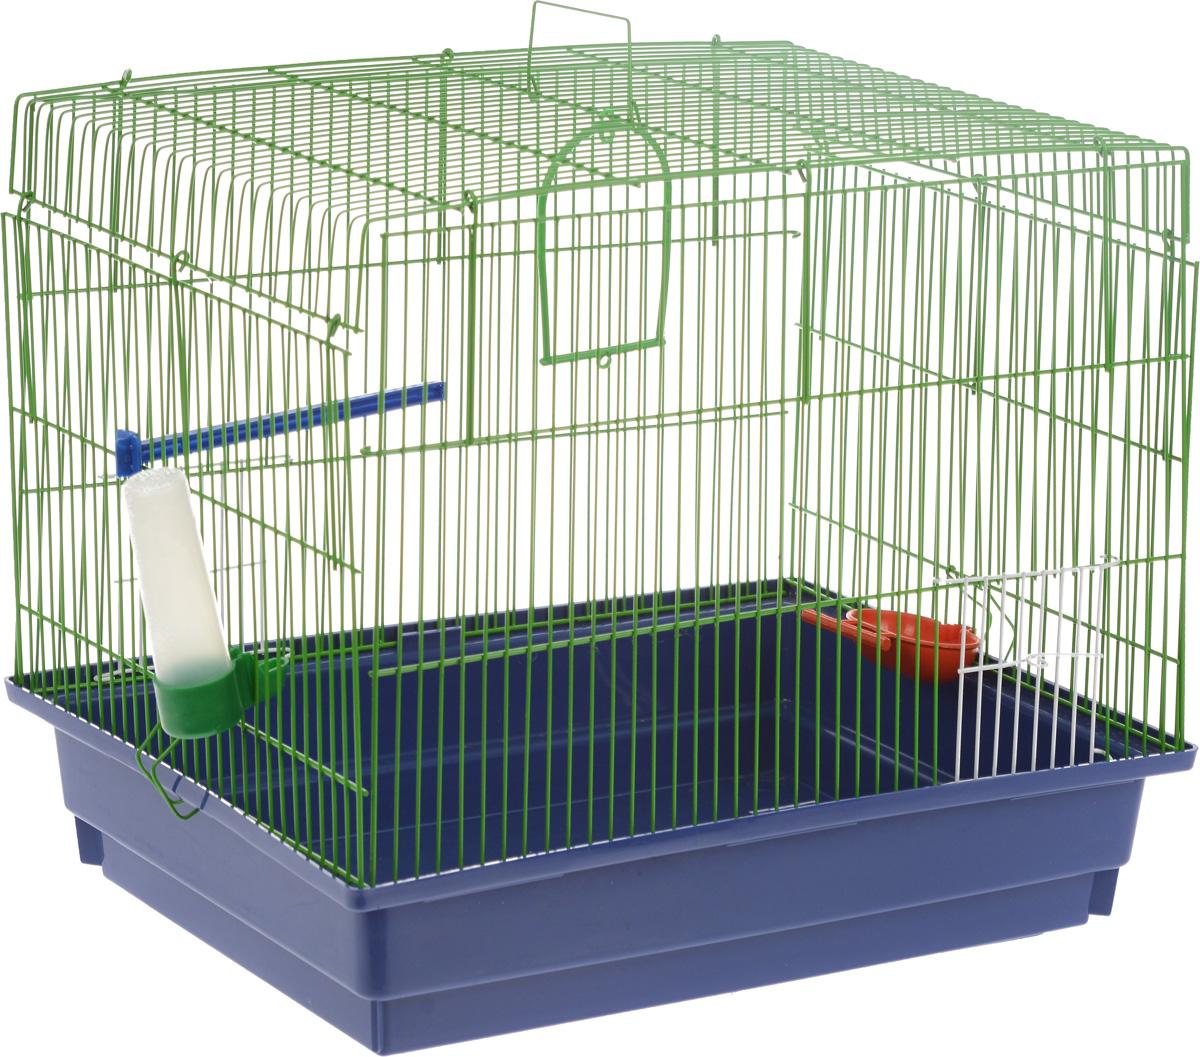 Клетка для птиц ЗооМарк, цвет: синий поддон, зеленая решетка, 50 х 31 х 41 см470_синий, зеленыйКлетка ЗооМарк, выполненная из полипропилена и металла с эмалированным покрытием, предназначена для птиц. Изделие состоит из большого поддона и решетки. Клетка снабжена металлической дверцей. Она удобна в использовании и легко чистится. Клетка оснащена подвижной ручкой для удобной переноски. Комплектация: - клетка с поддоном, - поилка, - кормушка, - кольцо.